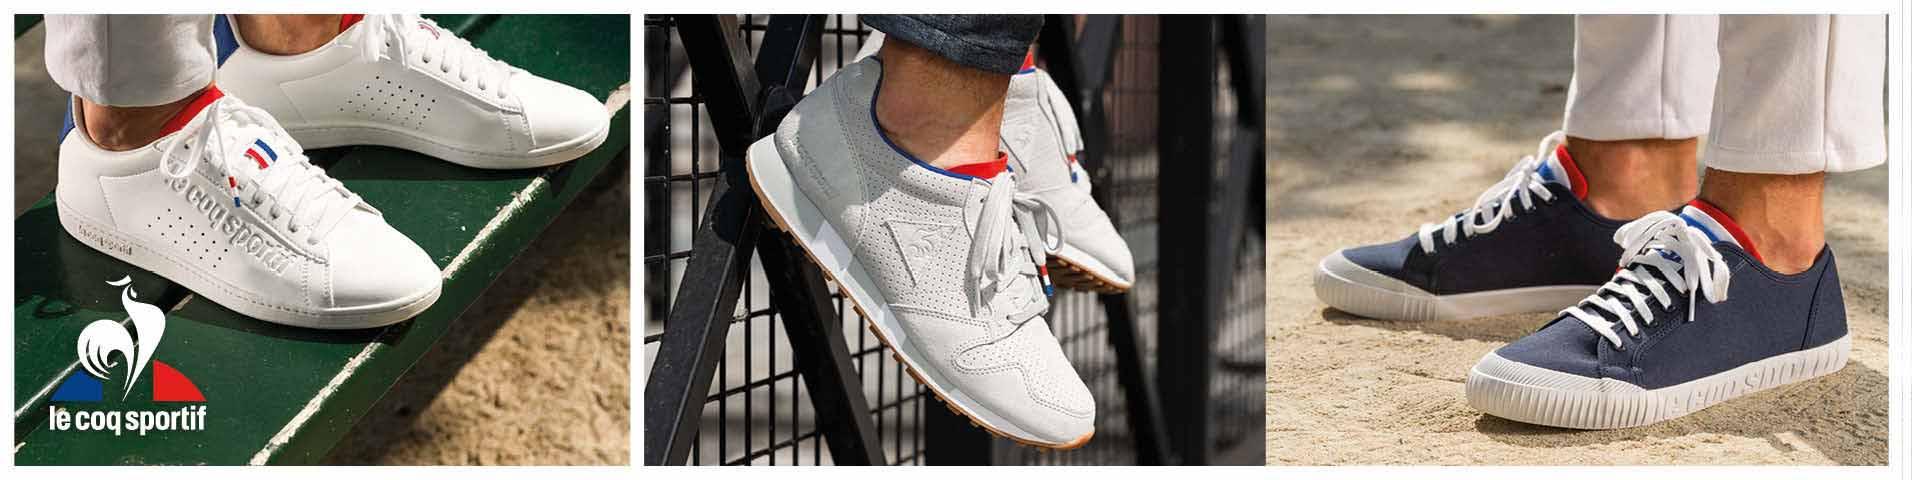 10fefbf5371 Chaussures homme de le coq sportif · Baskets